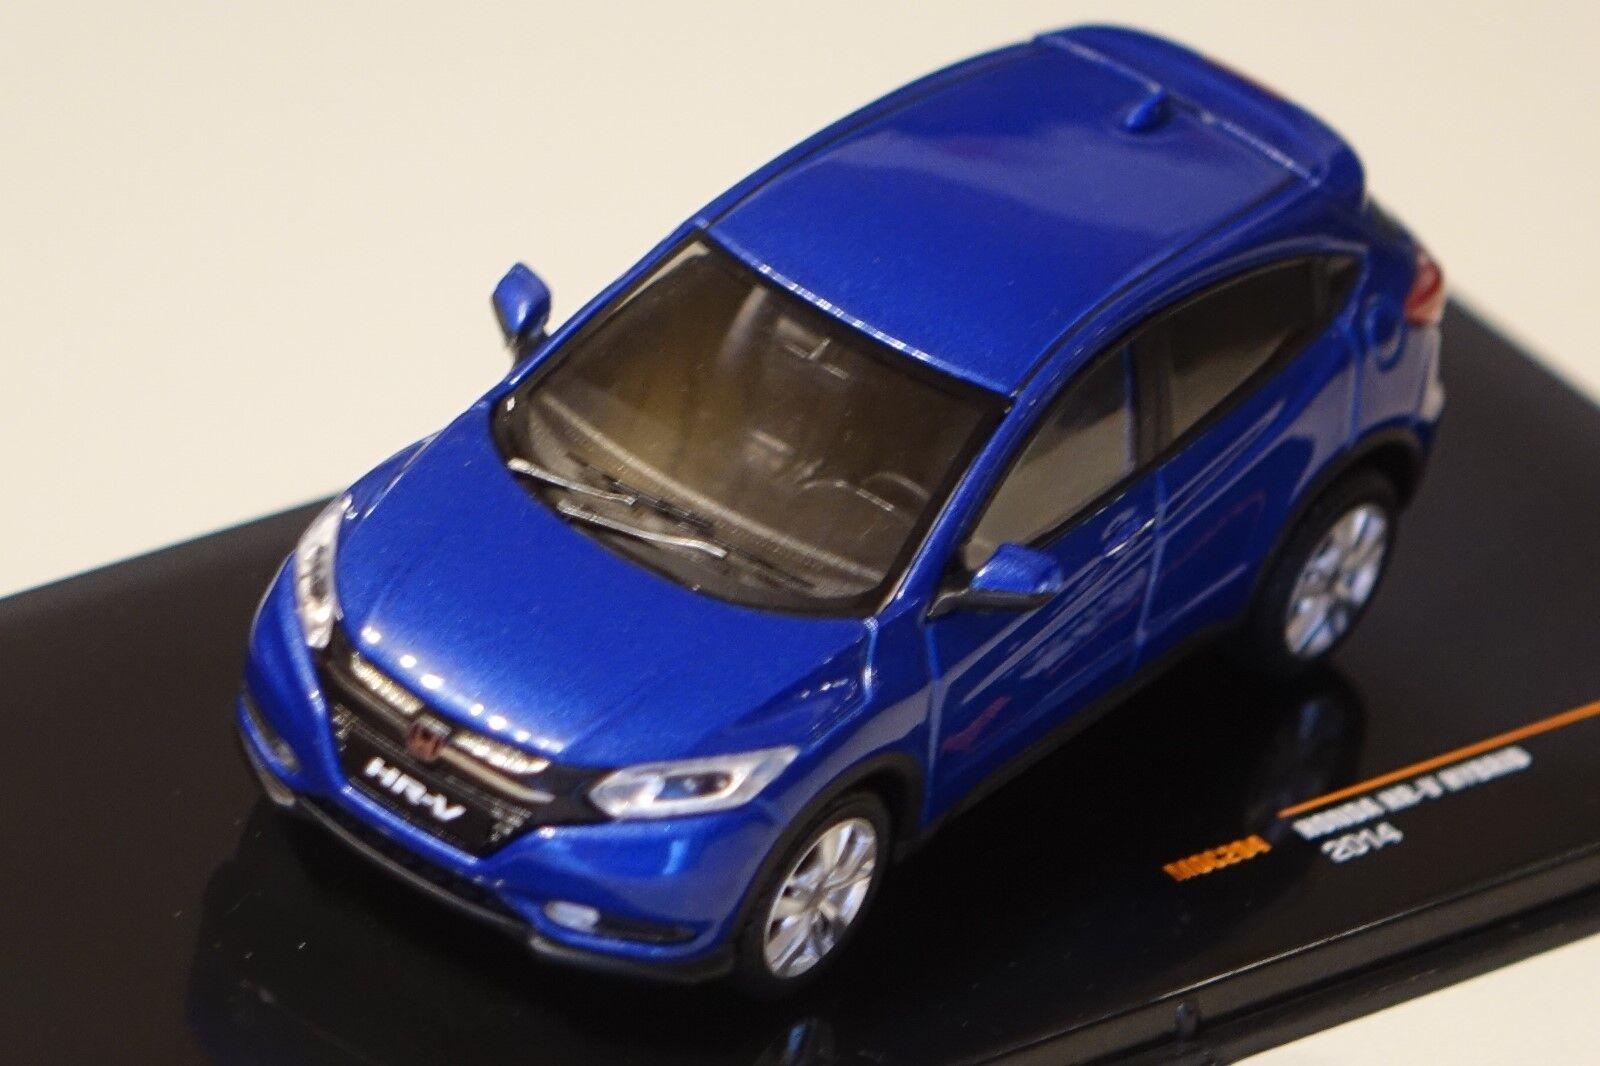 Honda HR-V HR-V HR-V Hybrid 2014 azul metalizado 1 43 Ixo moc204 nuevo embalaje original & 362714